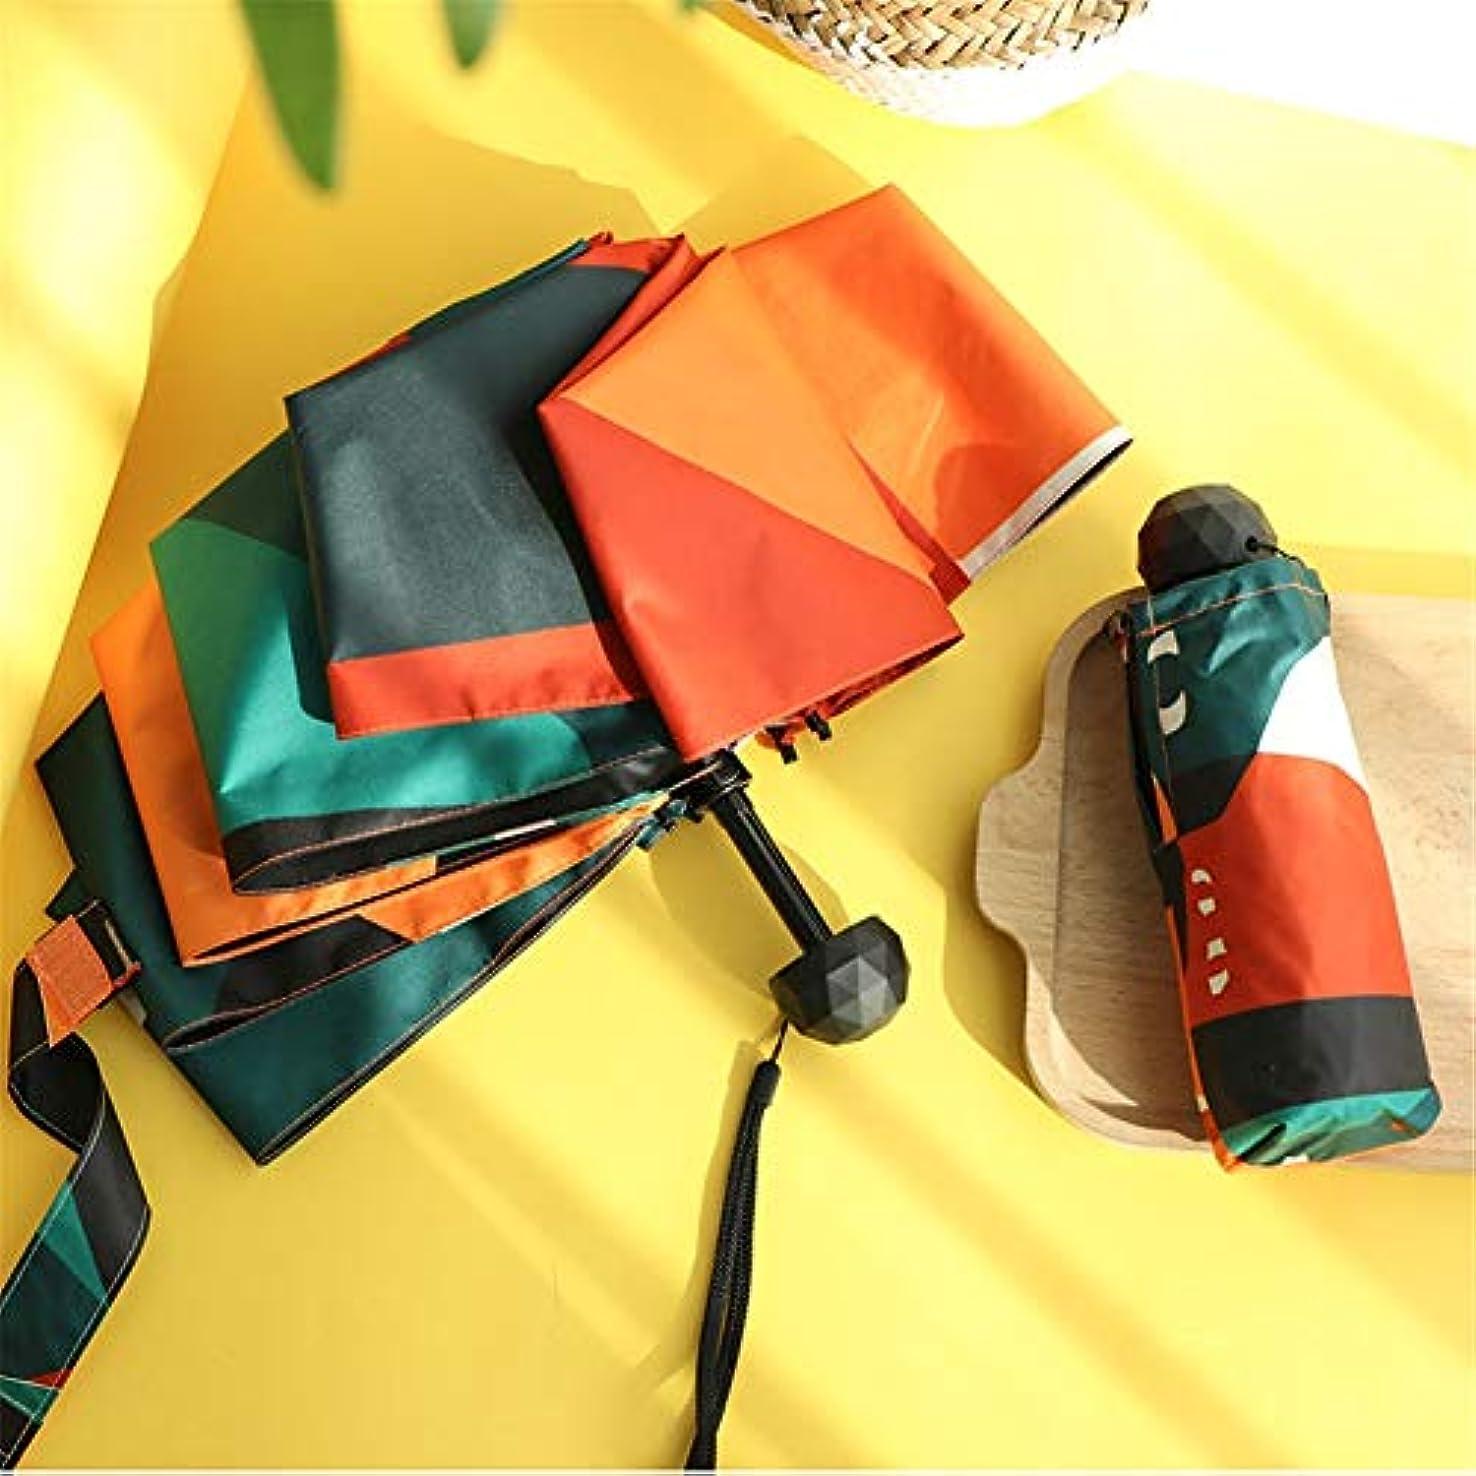 九時四十五分ファンネルウェブスパイダーすみませんパラソル, コンパクトミニトラベル傘日焼け止めアンチ UV 5 折りたたみ傘軽量防風ポケットレイン傘,orange